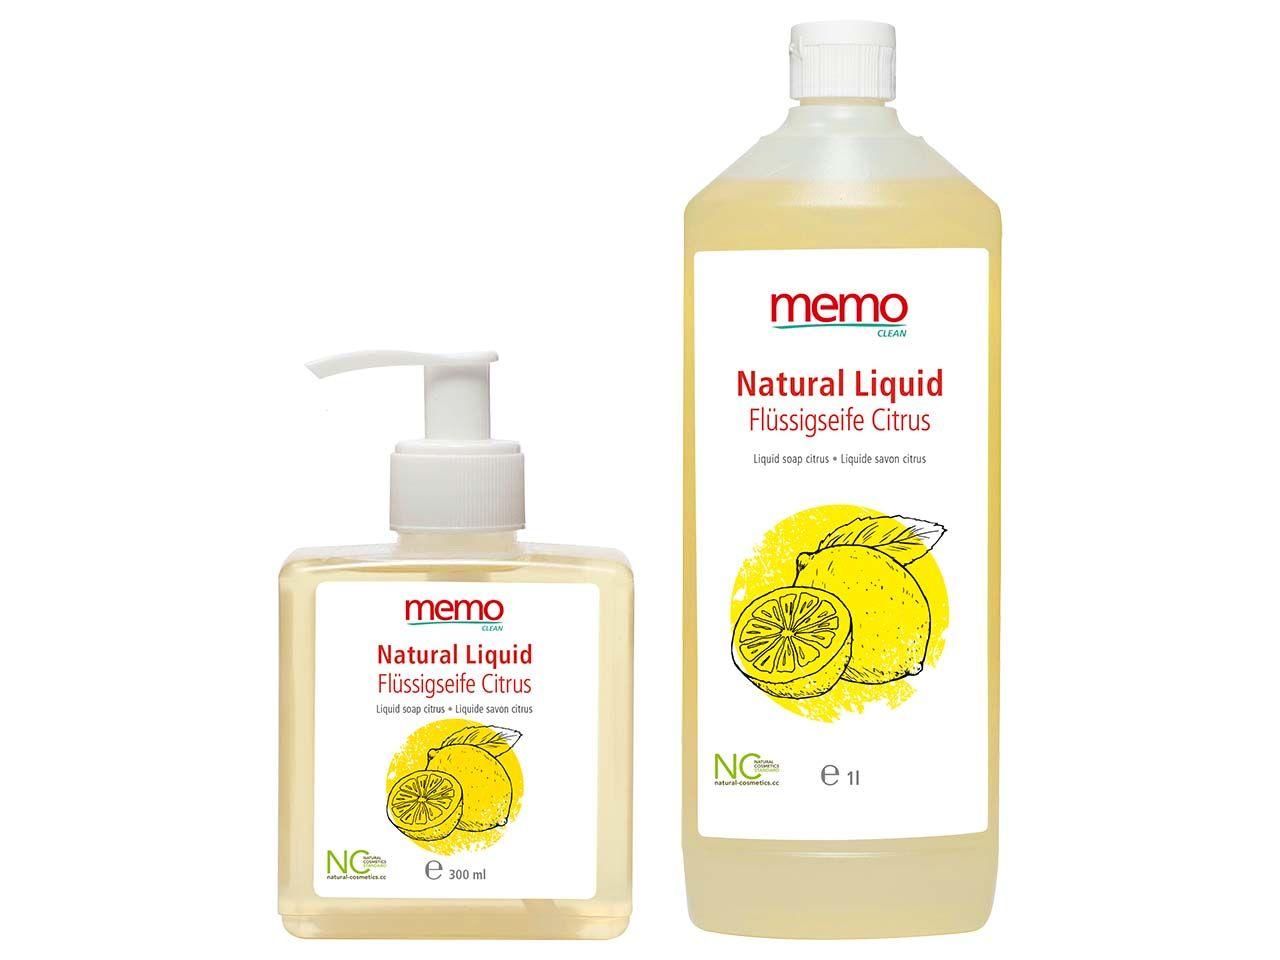 memo Flüssige Pflanzenölseife